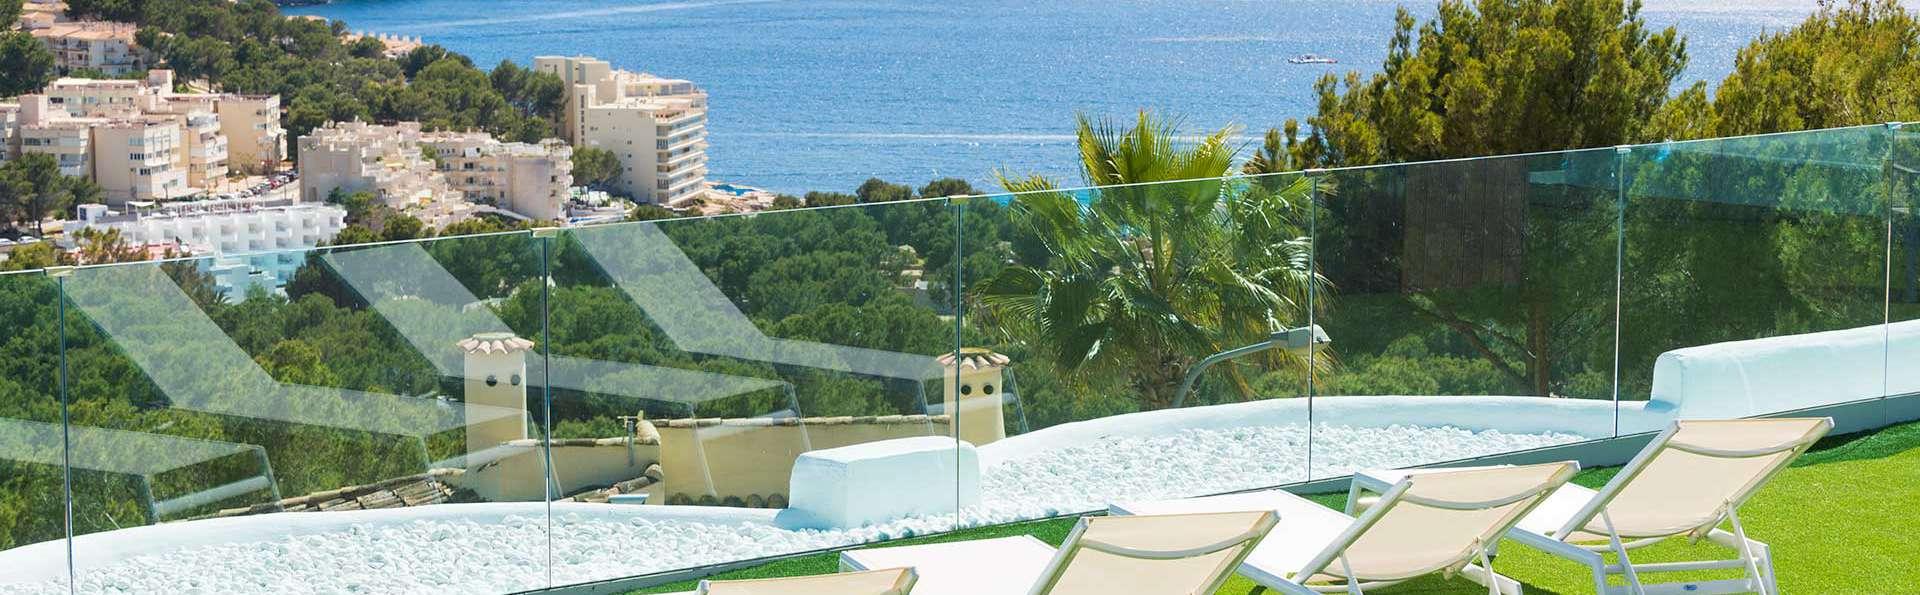 Escapada Relax en Mallorca: con media pensión, acceso al spa y detalles románticos